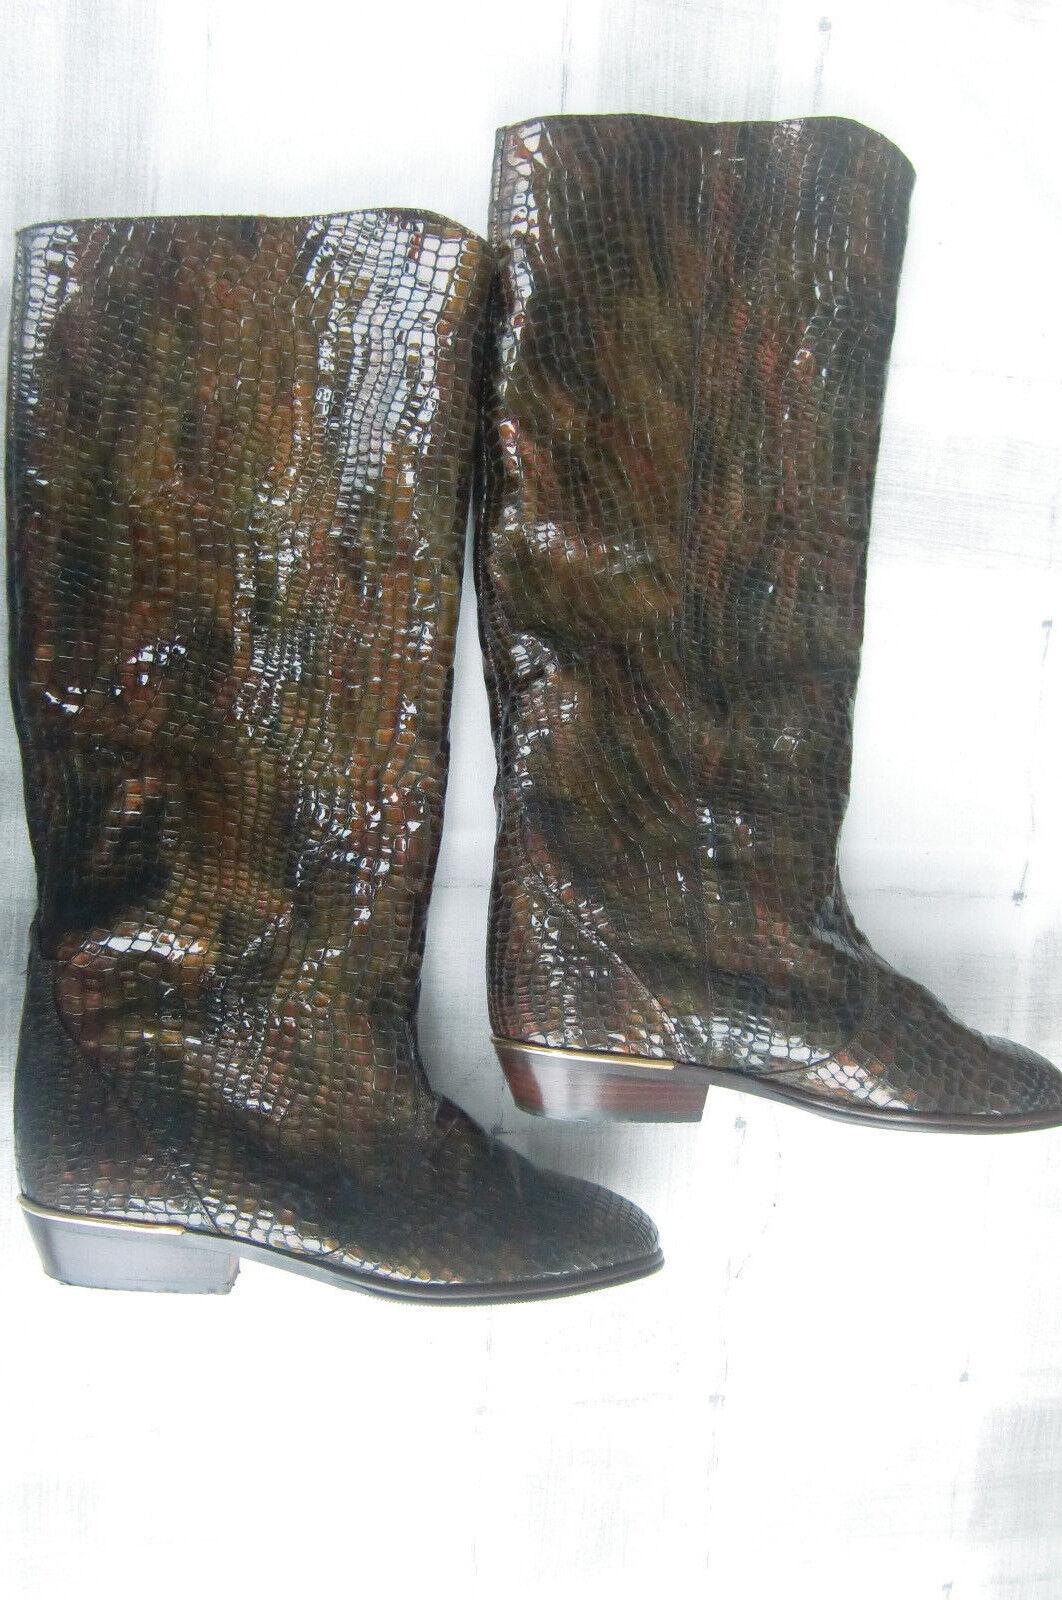 Stiefel,Elegant,Leder Reptiloptik,braun/gold,K&S ,Kennel & Schmenger,Gr 4 / 37